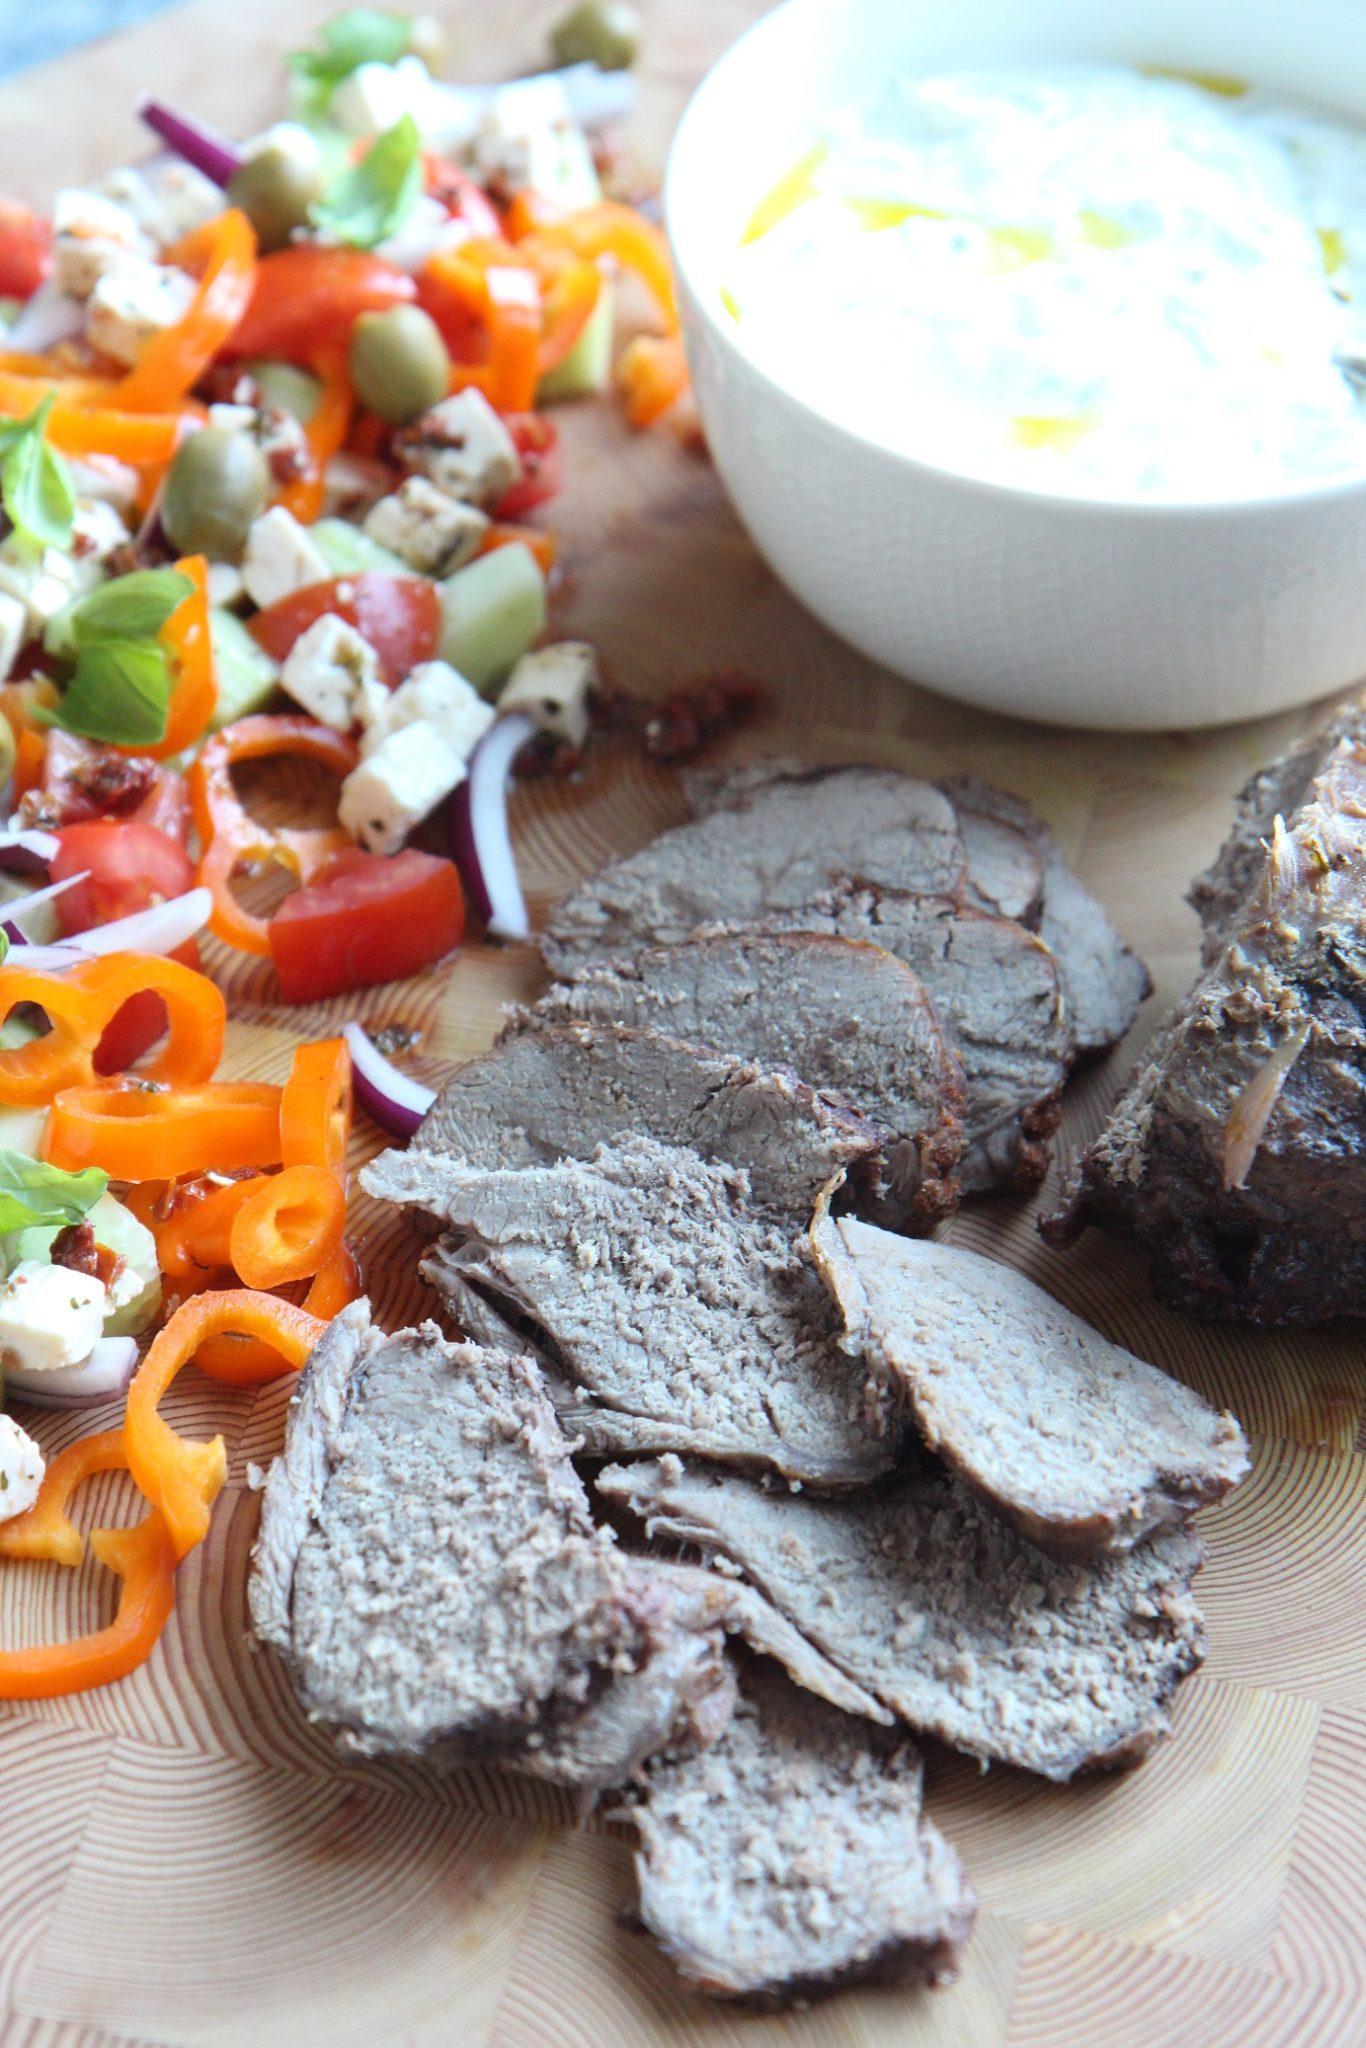 Viikko 10: Pitkään haudutettu karitsan paisti kreikkalaisen salaatin ja tzatzikin kera